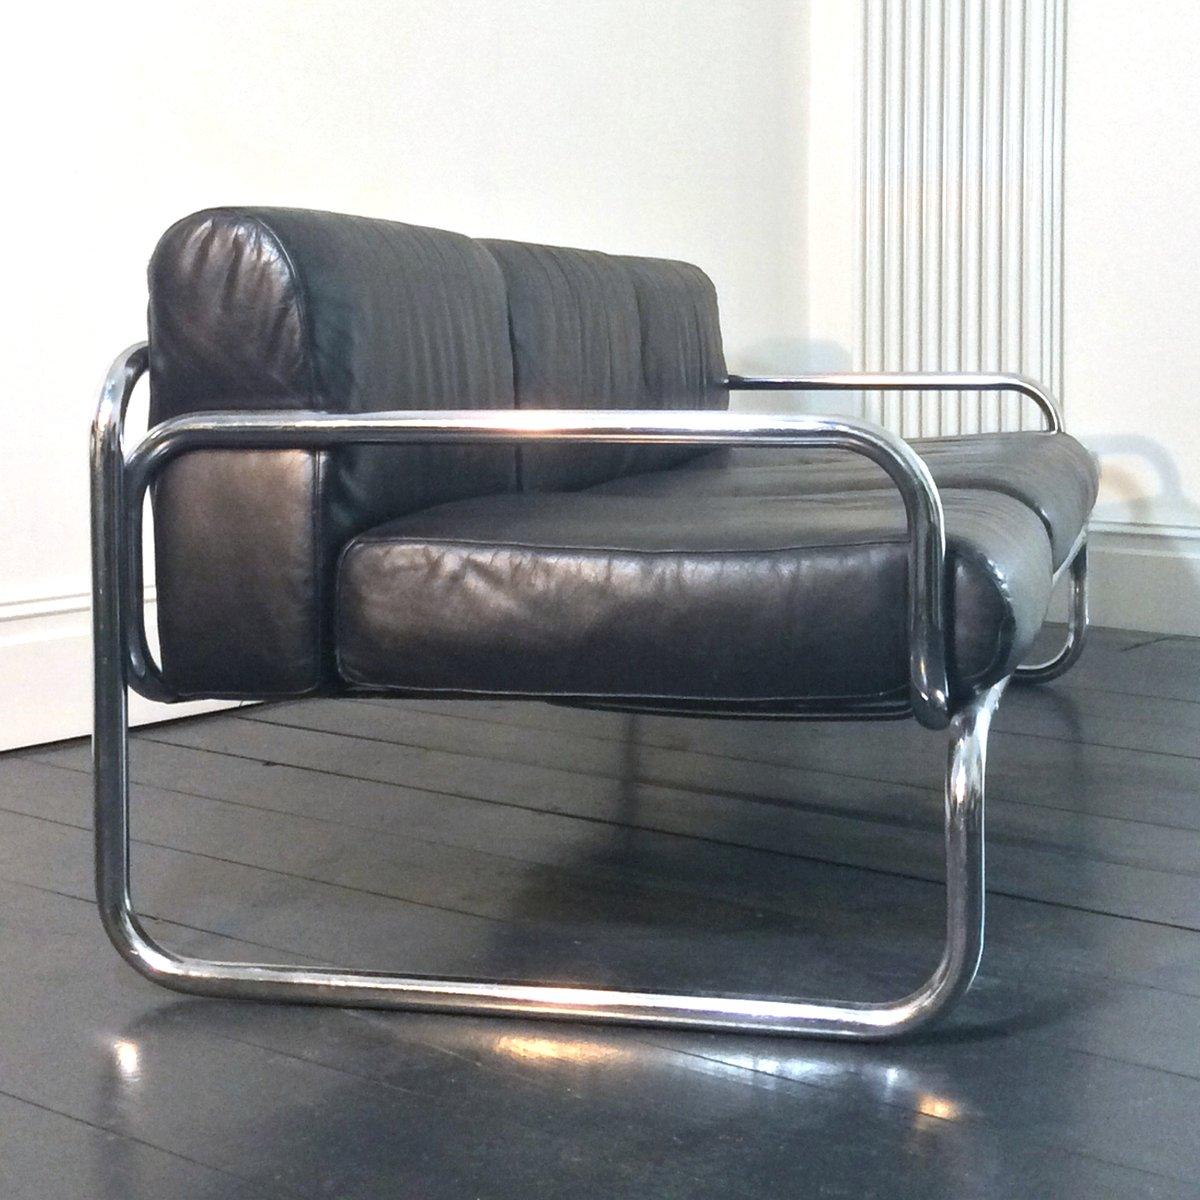 leder chrom sofa von rodney kinsman f r omk 1970er bei pamono kaufen. Black Bedroom Furniture Sets. Home Design Ideas